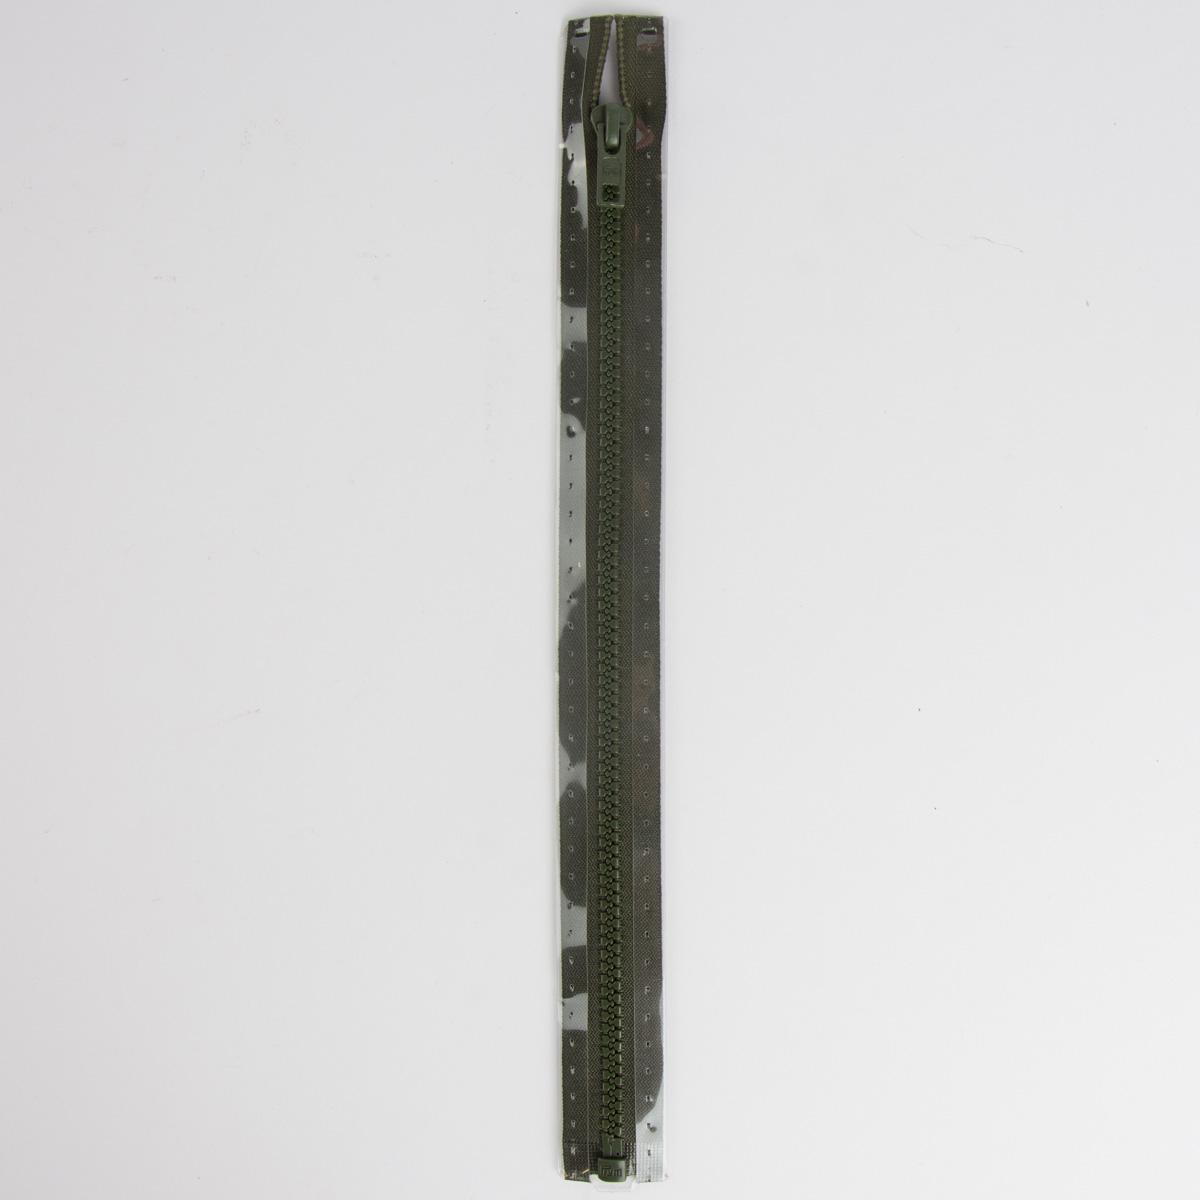 Reißverschluss S4 Profil tb 50 cm Fla br-oliv